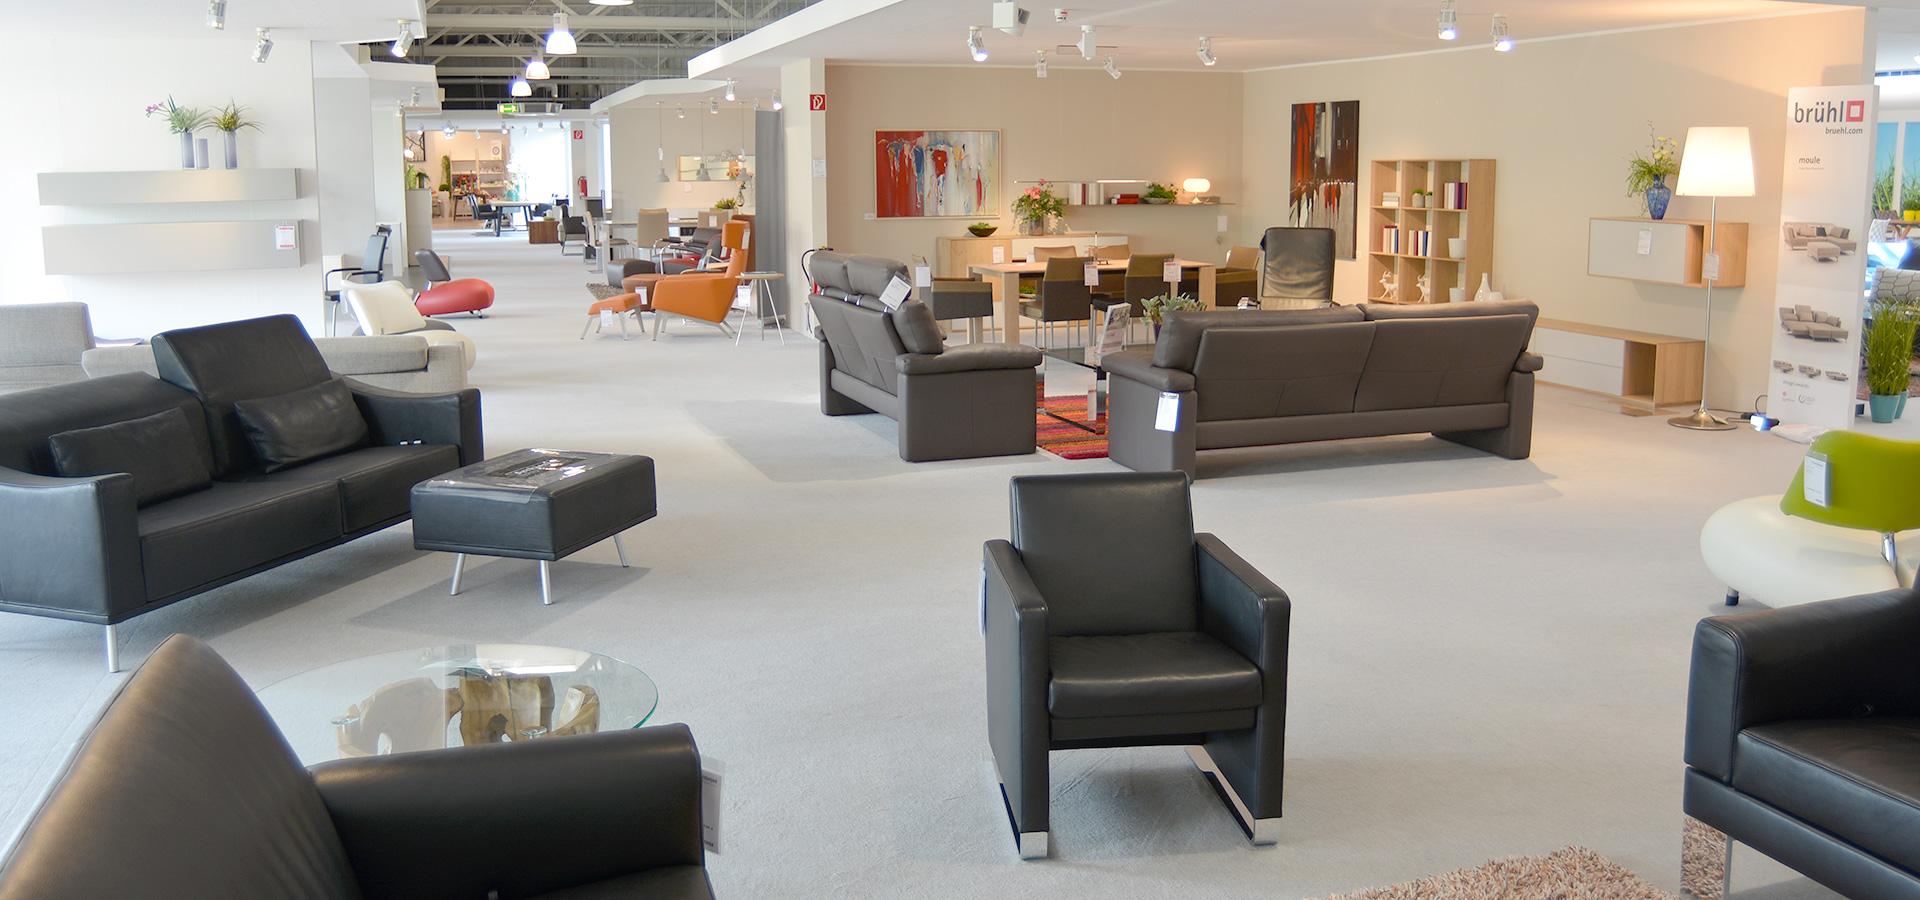 Vollservice f r modernes wohndesign ottensmeyer for Modernes wohndesign